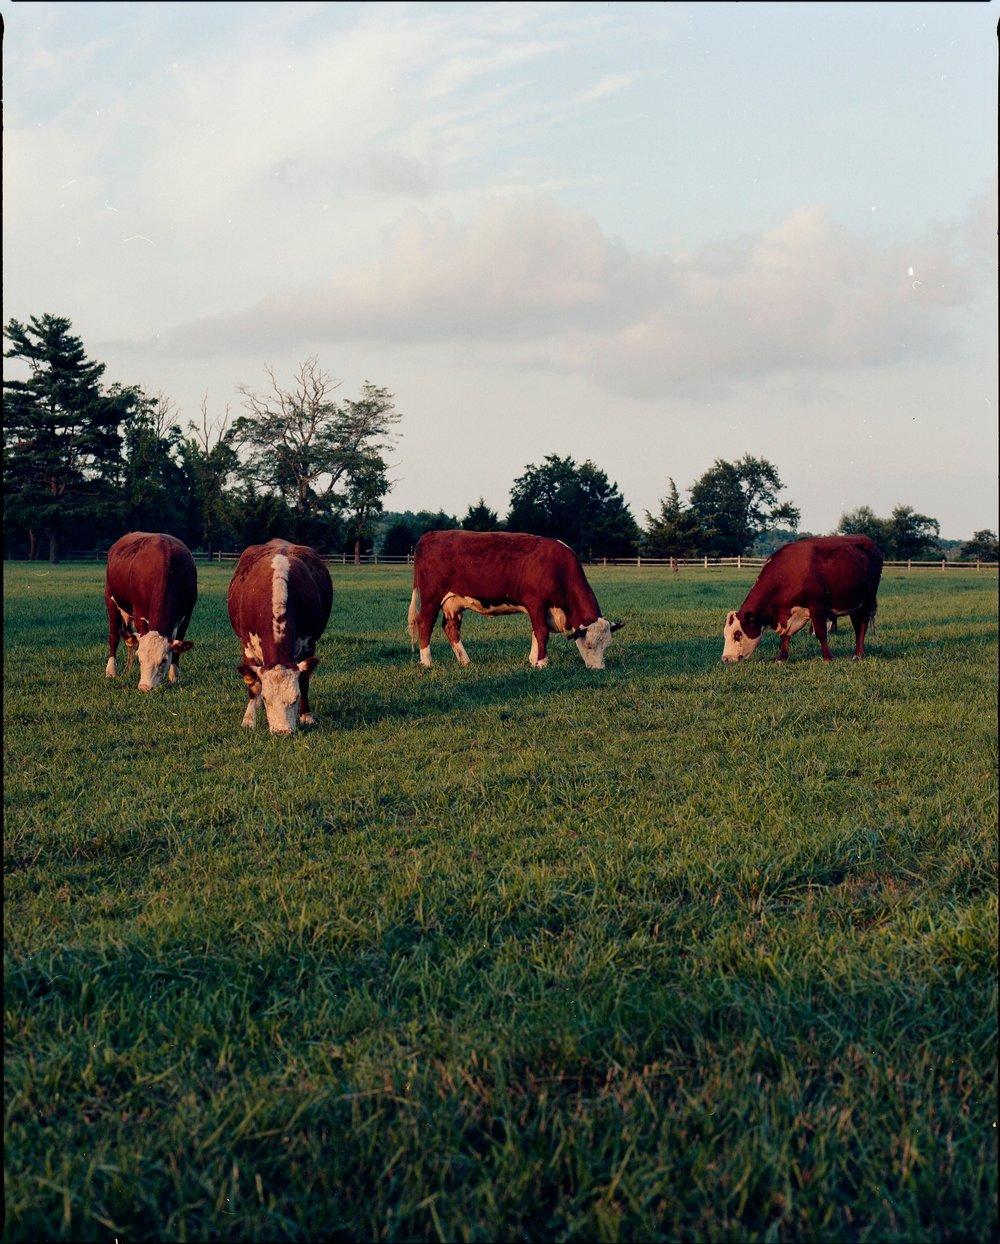 cows grazing, Lewes DE 2018